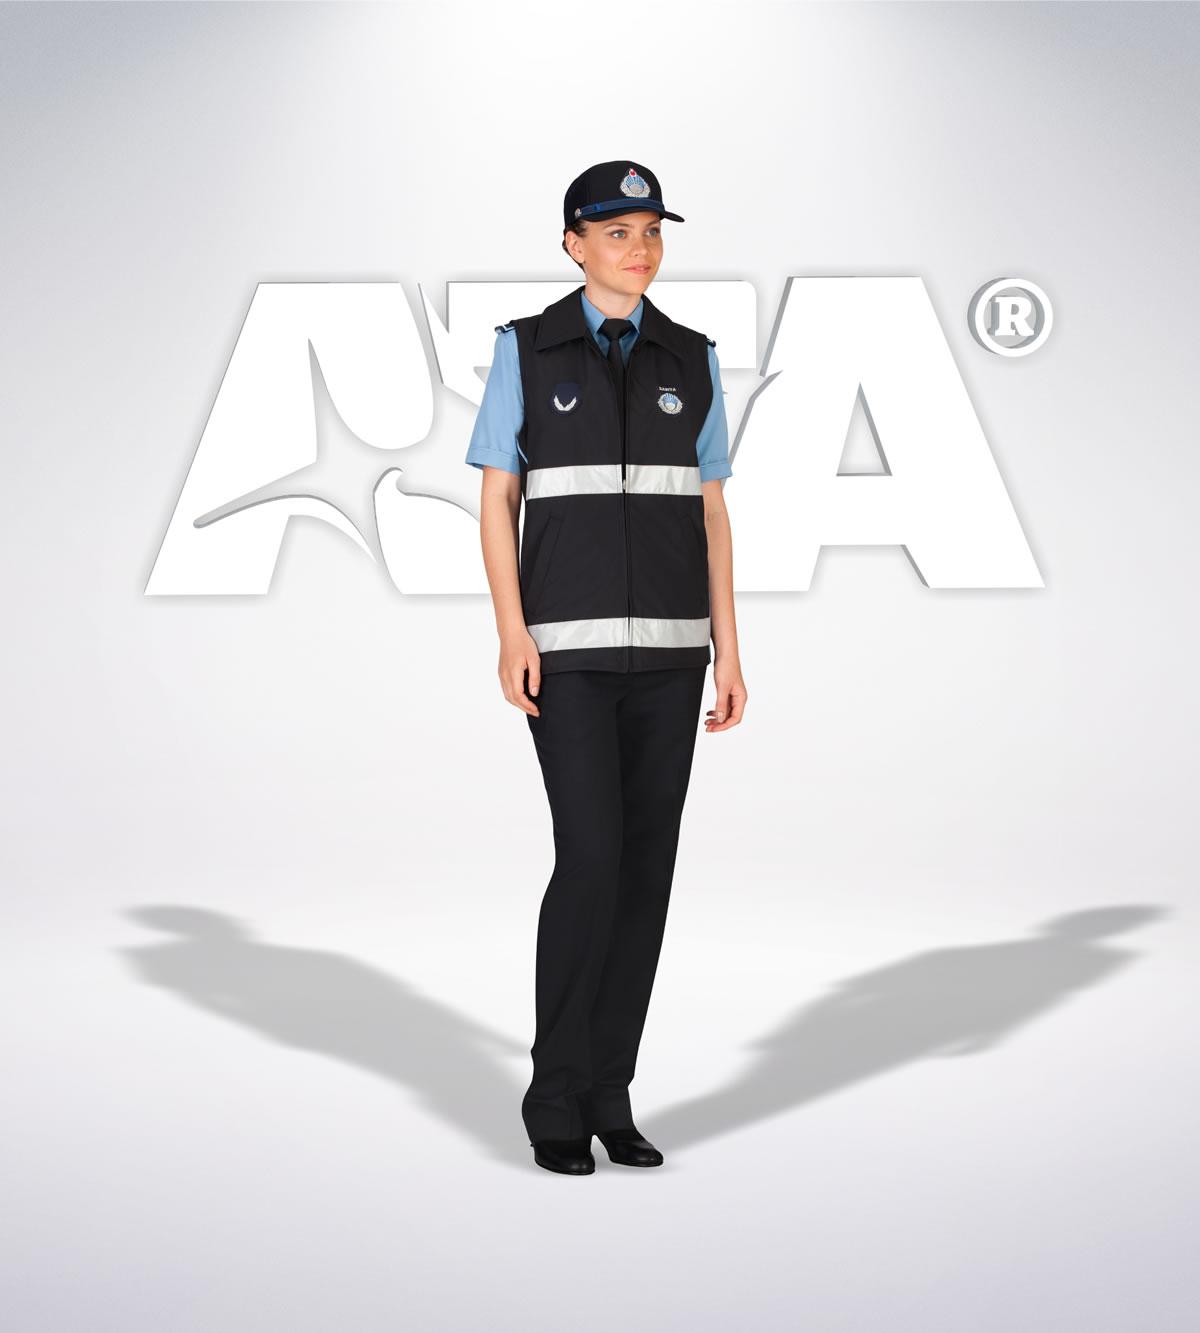 ATA 207 - ön - Pantolon yazlık -reflektör- yelek - aksesuar - zabıta elbiseleri | zabıta üniformaları | zabıta kıyafetleri